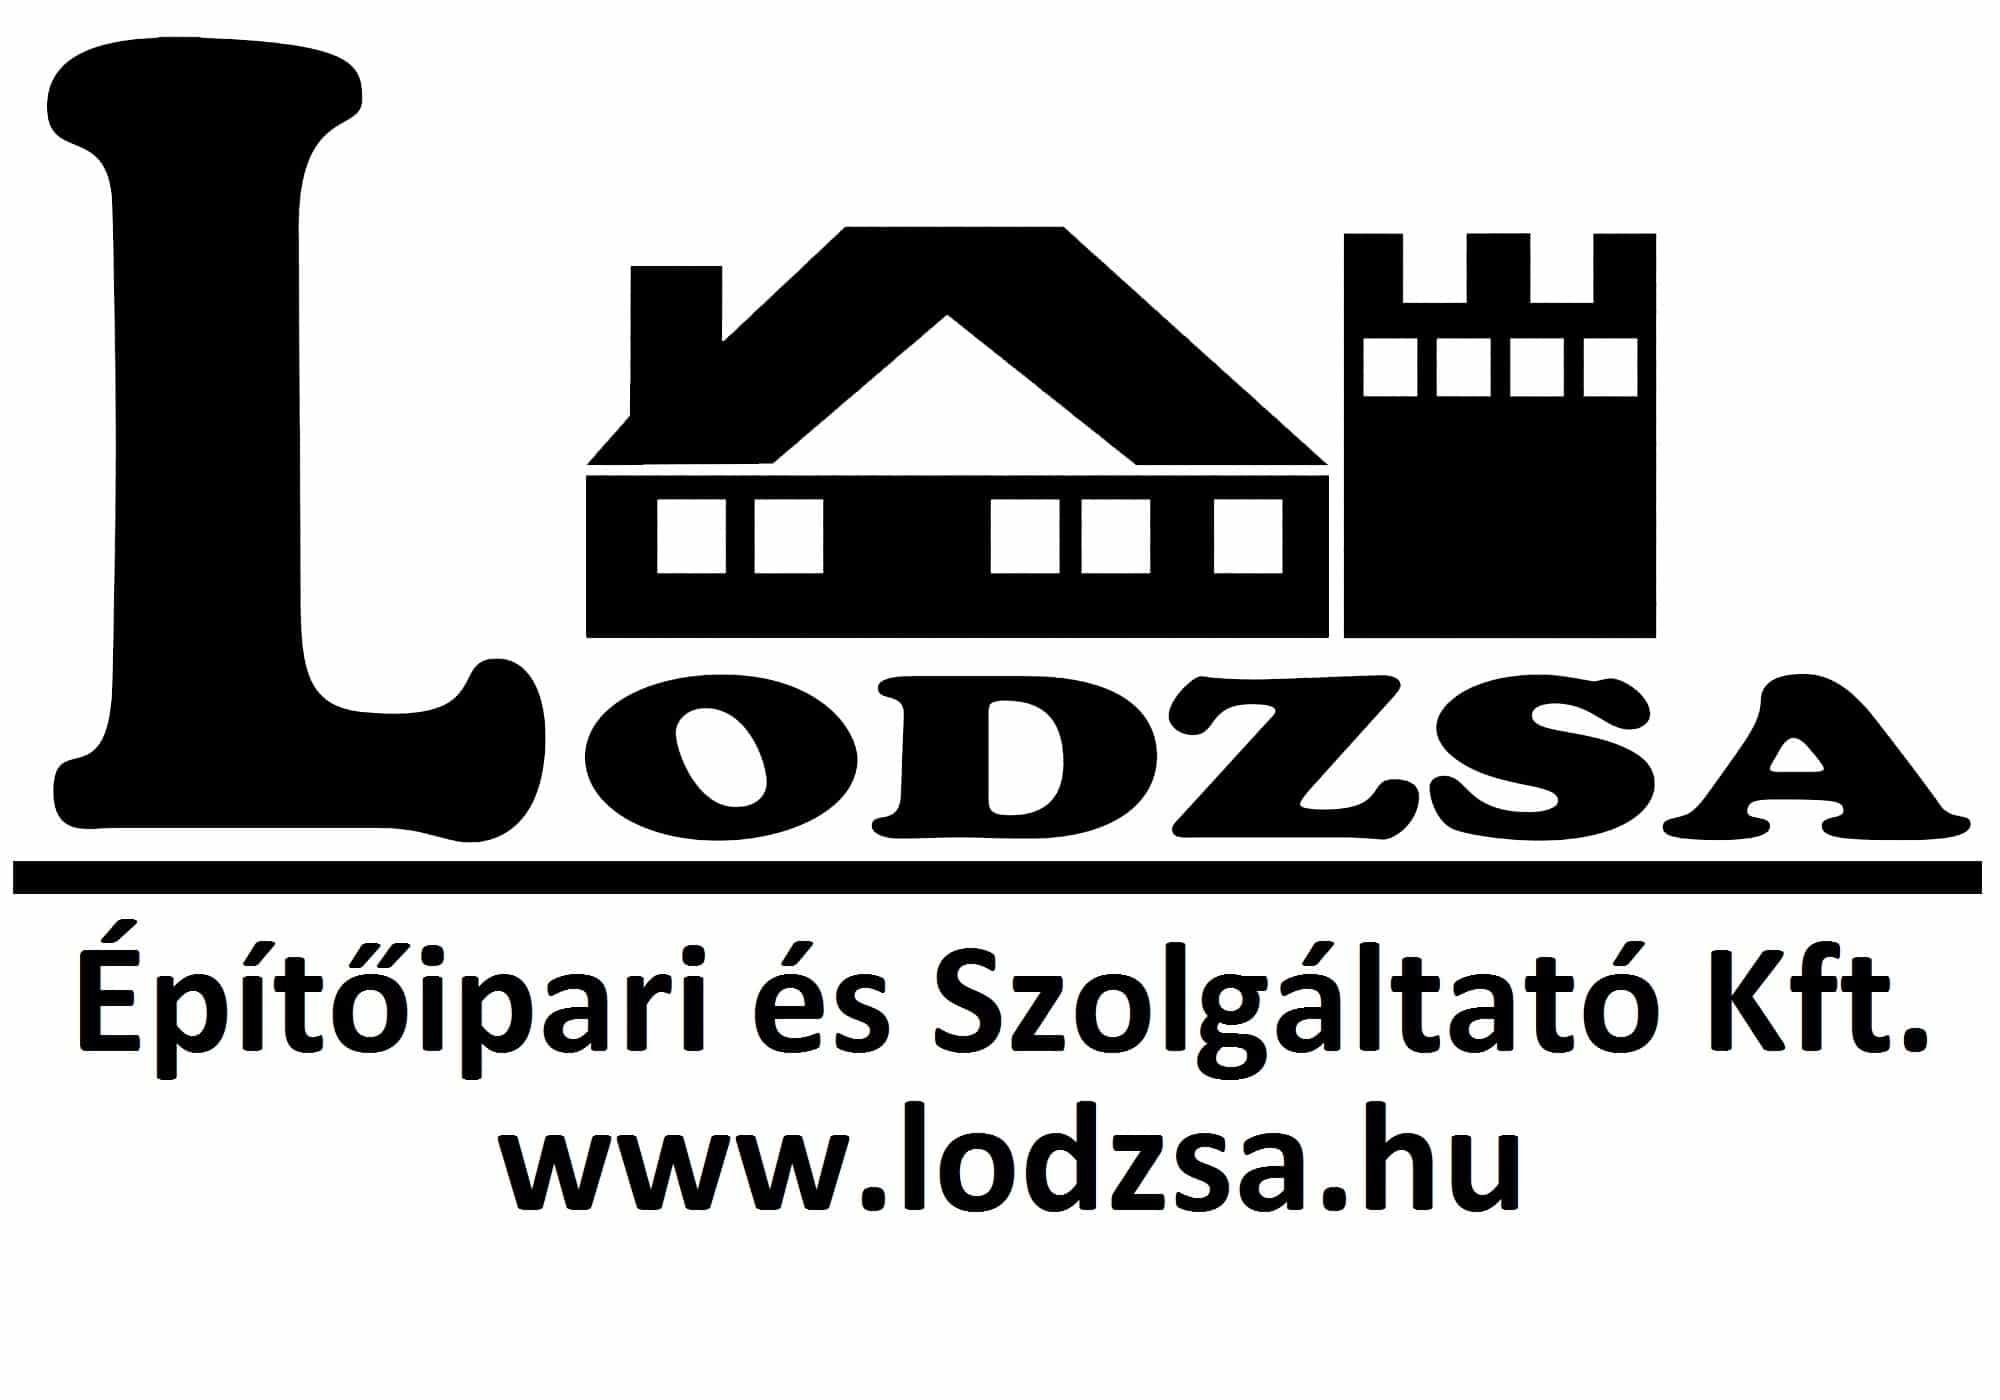 Lodzsa Építőipari és Szolgáltató Kft.-Lodzsa Kft – Bajót